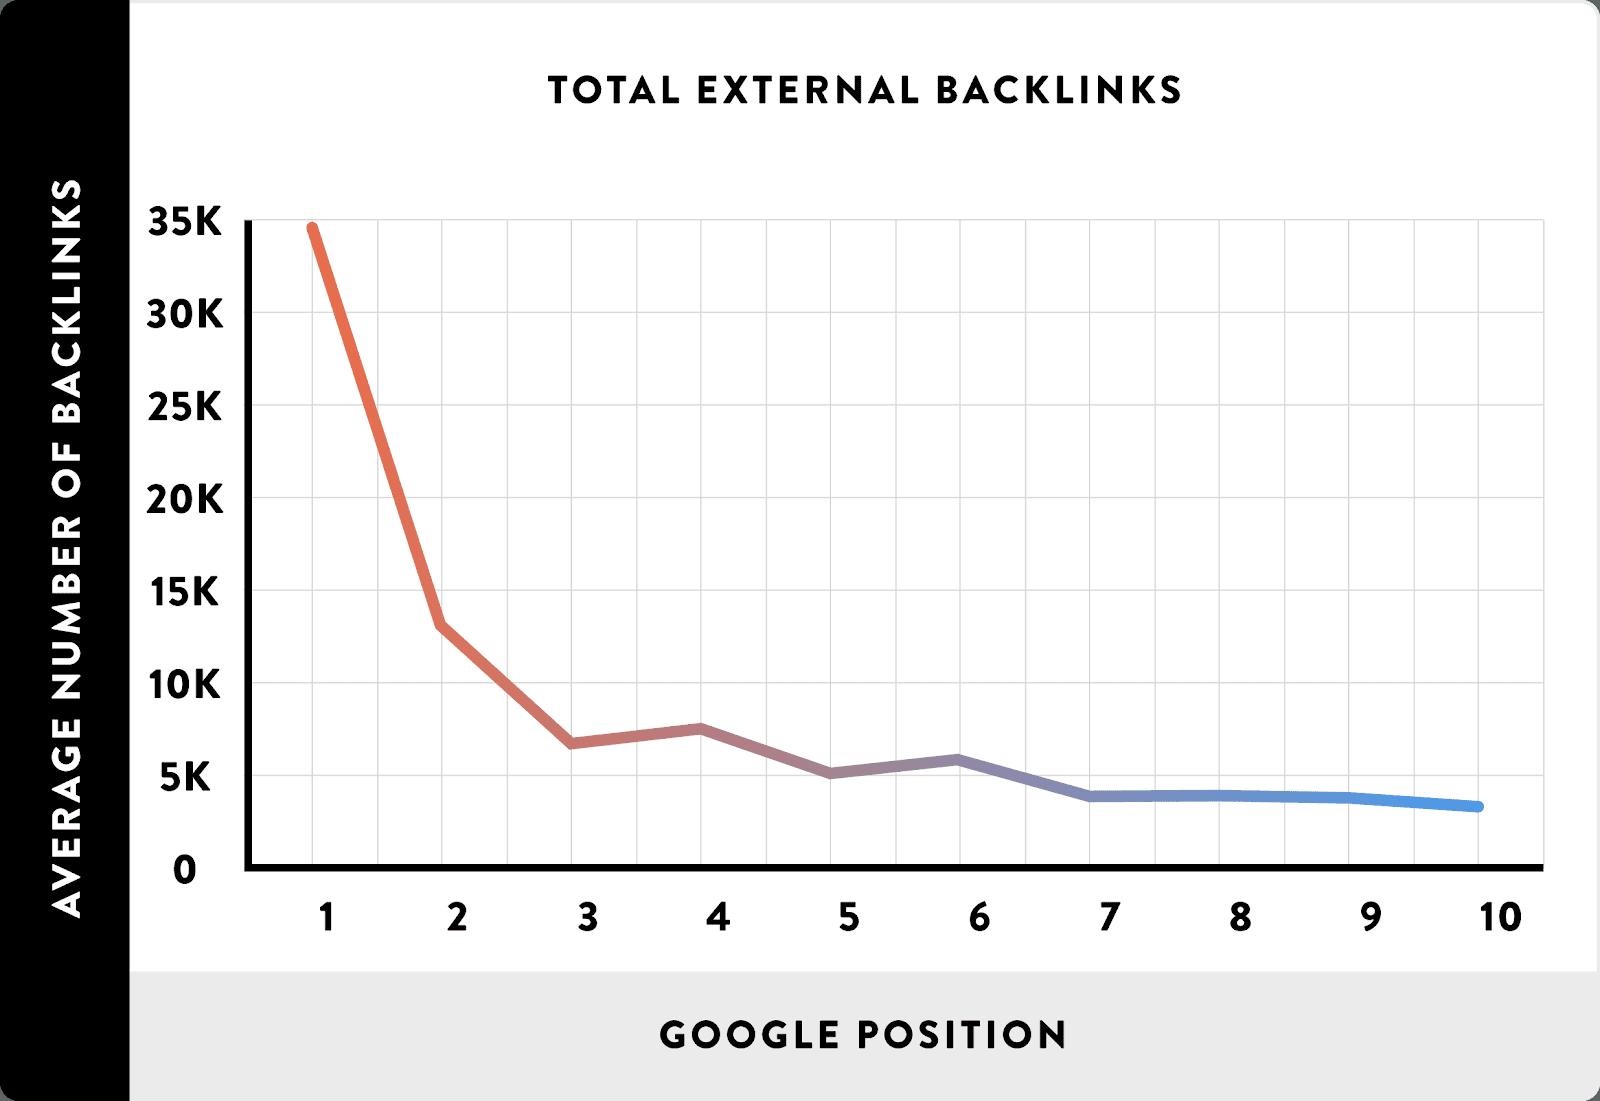 график влияния внешних ссылок на сайт